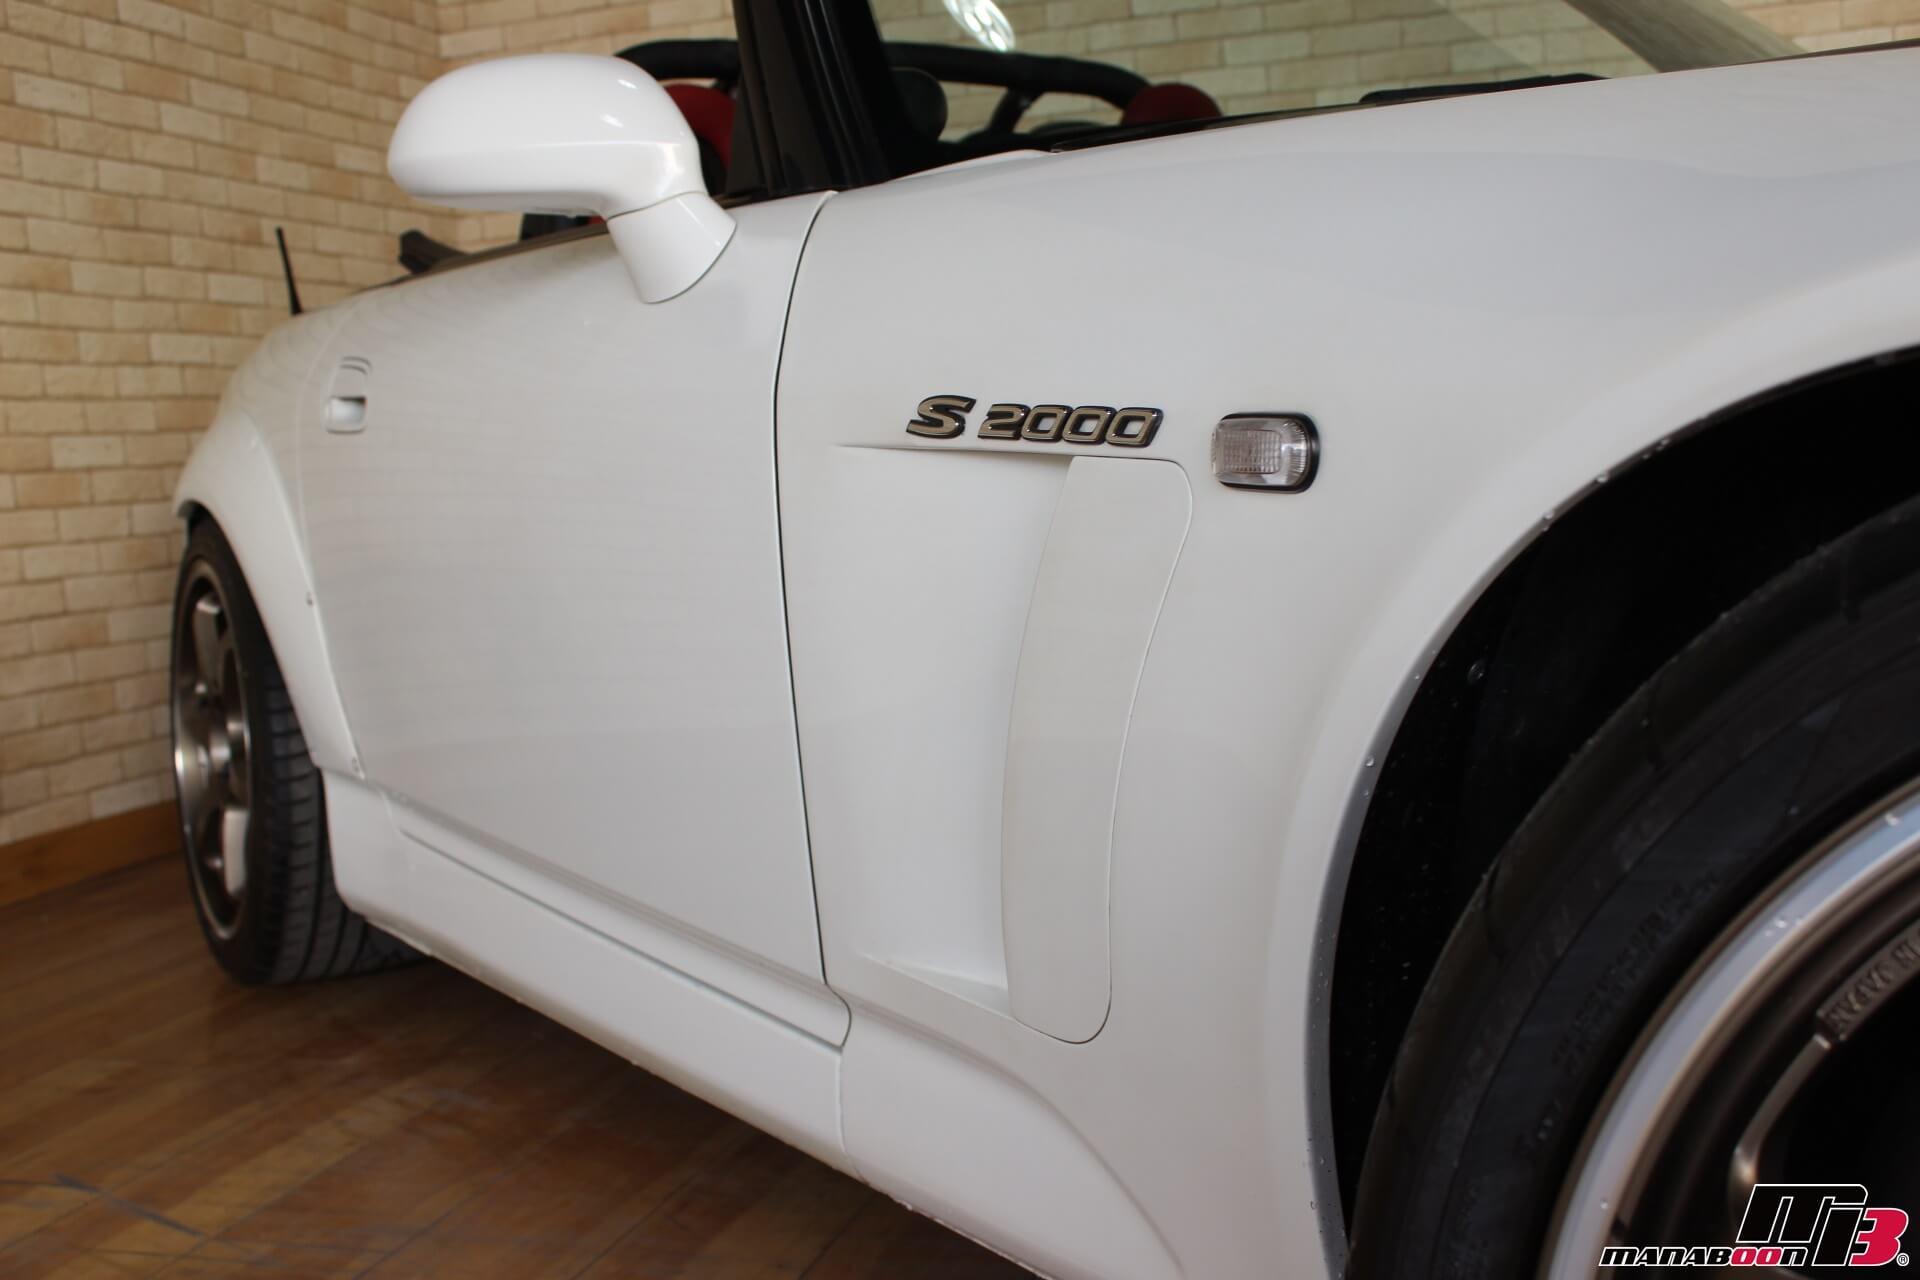 S2000ASMフロントフェンダー